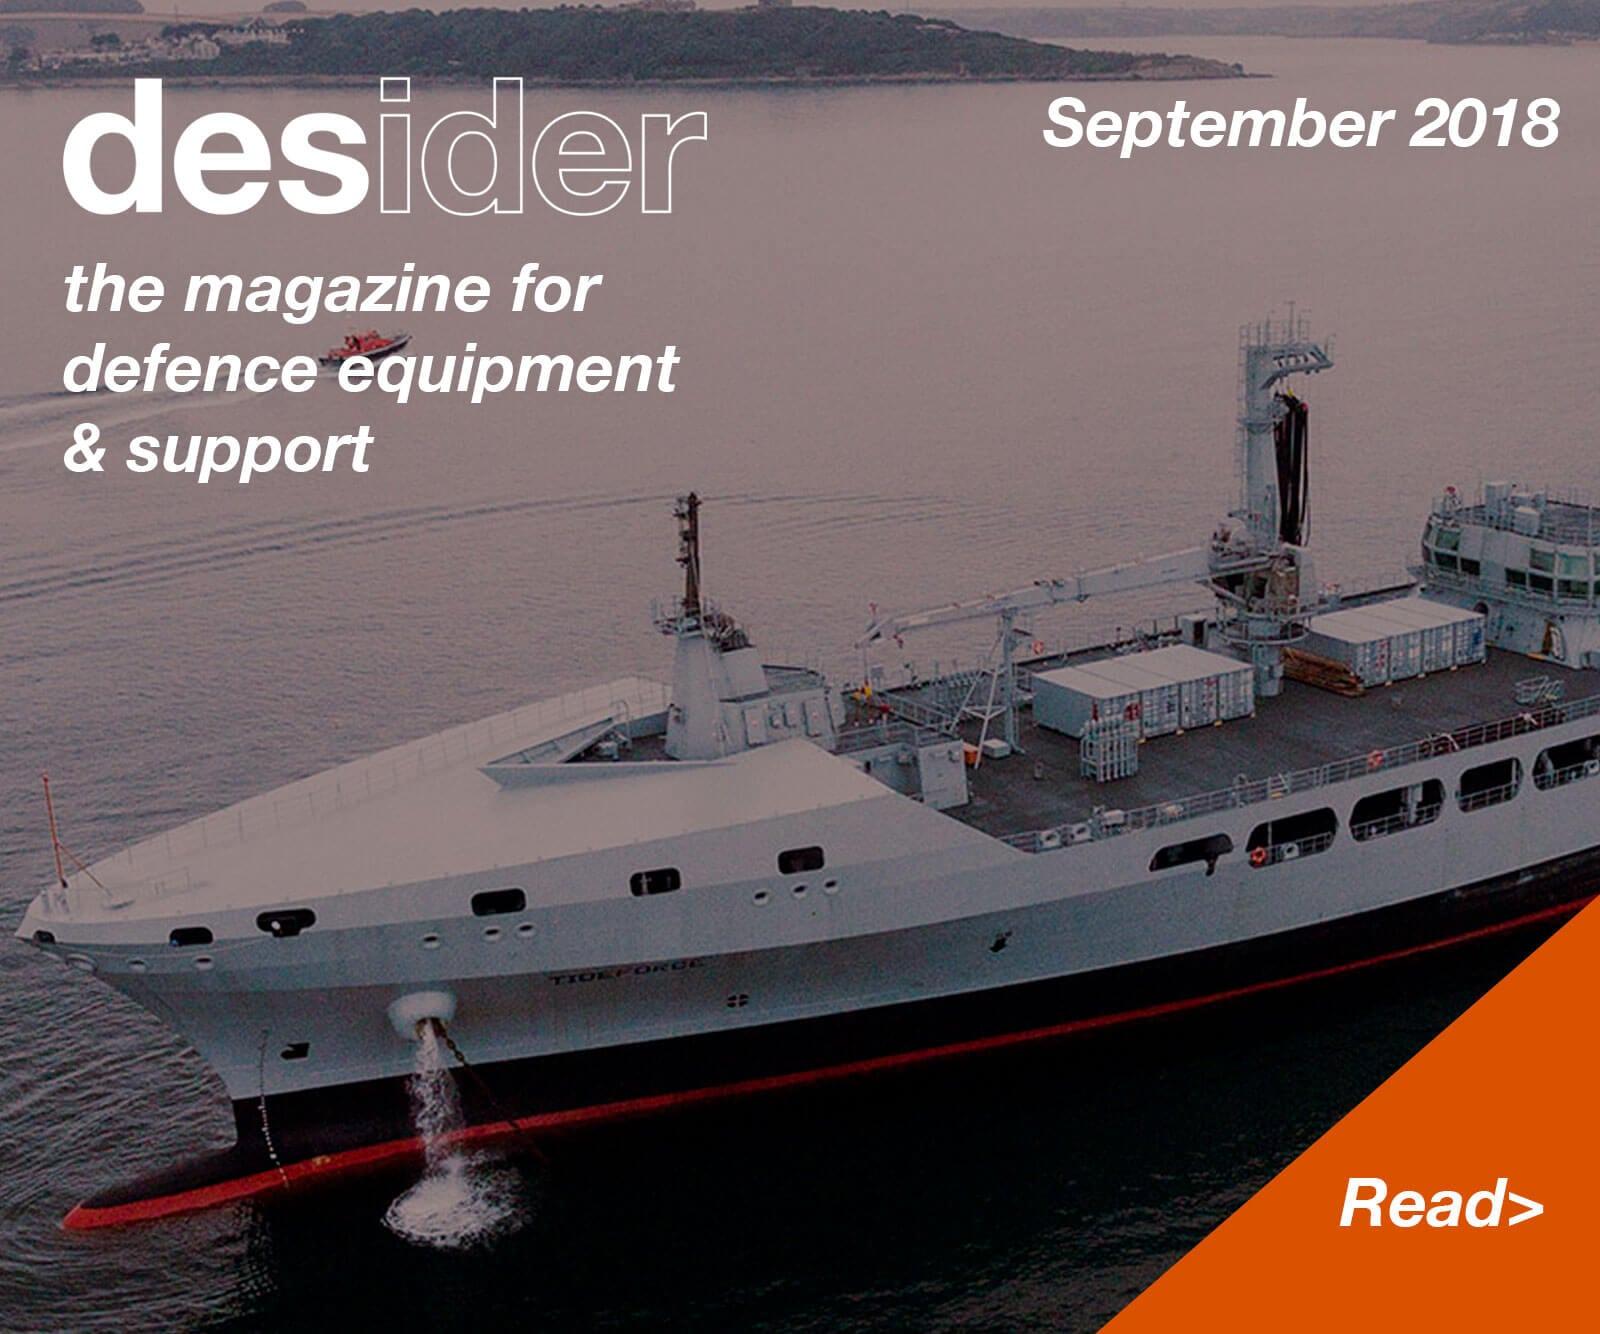 Desider magazine